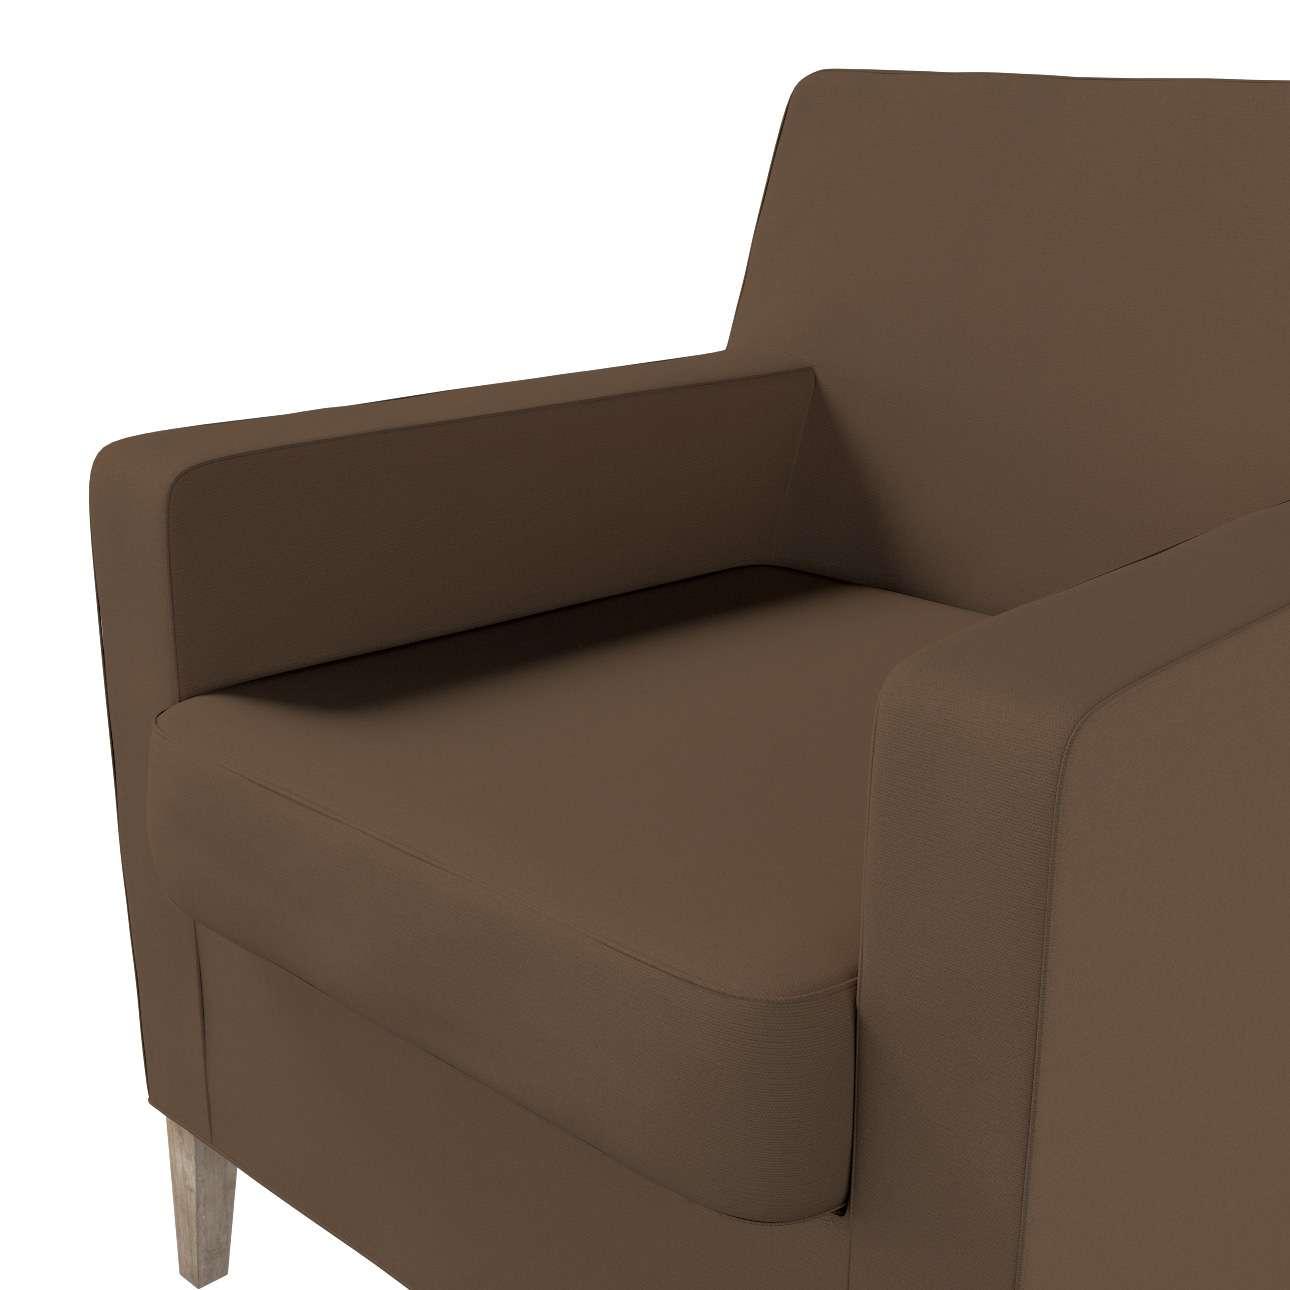 Pokrowiec na fotel Karlstad w kolekcji Cotton Panama, tkanina: 702-02